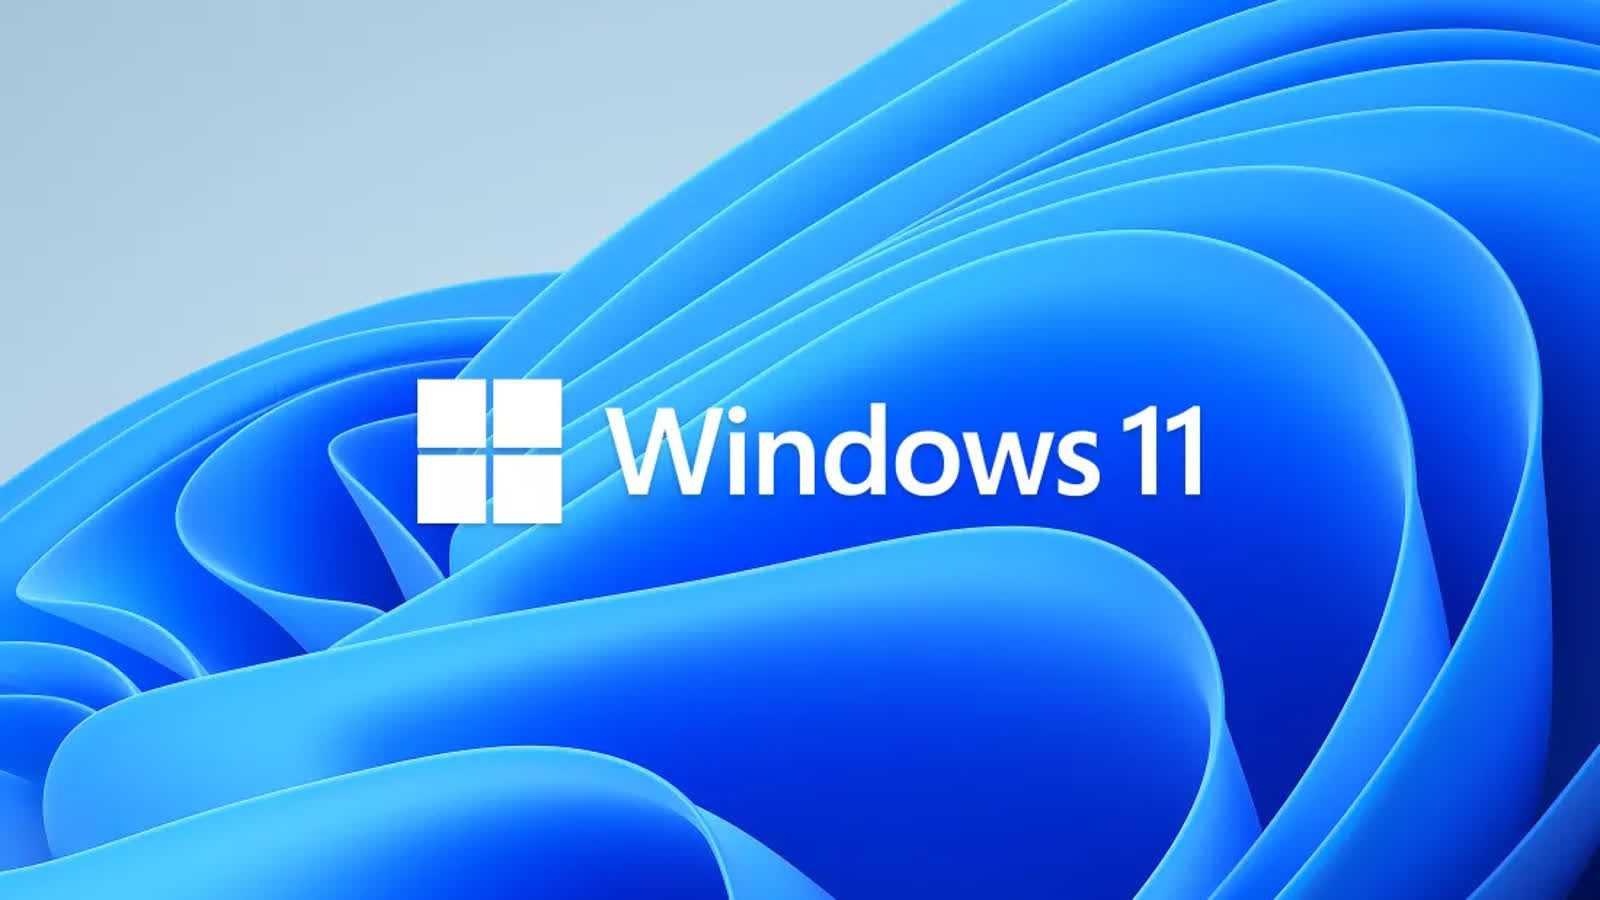 Les fonctionnalites de Windows 11 auraient pu etre publiees sous